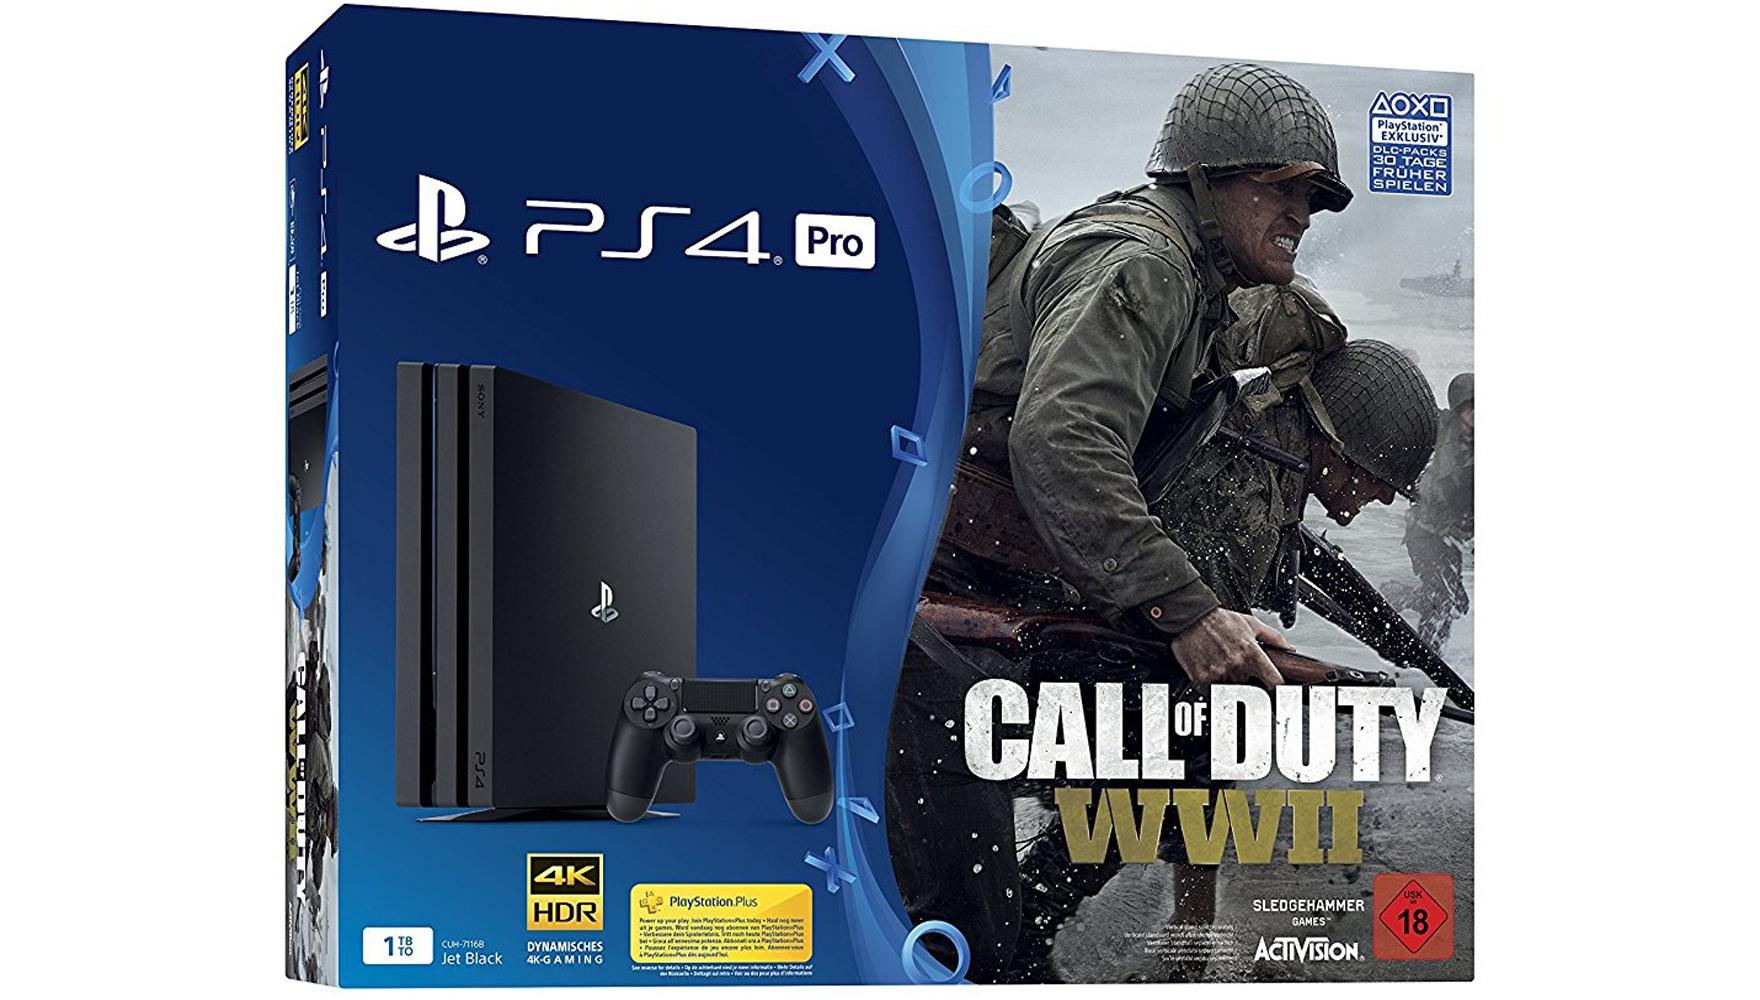 PlayStation VR-Bundle mit Skyrim für 299 Euro - Cyber-Monday-Woche am 26. November